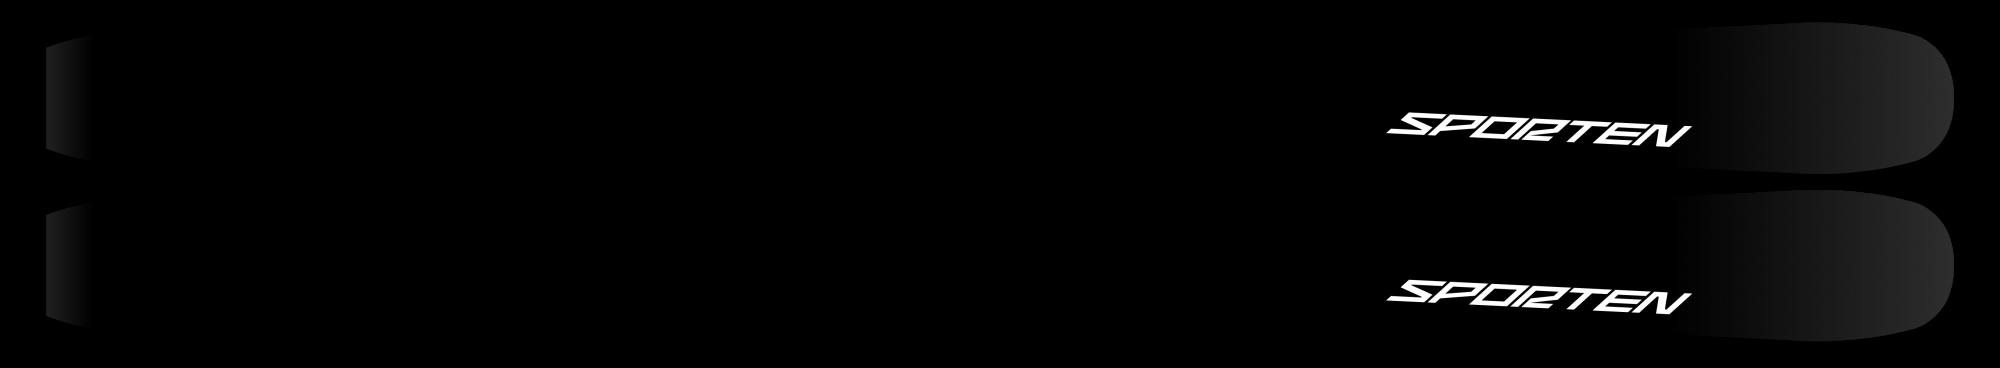 Allmountain lyže Sporten Glider 5 2021.png